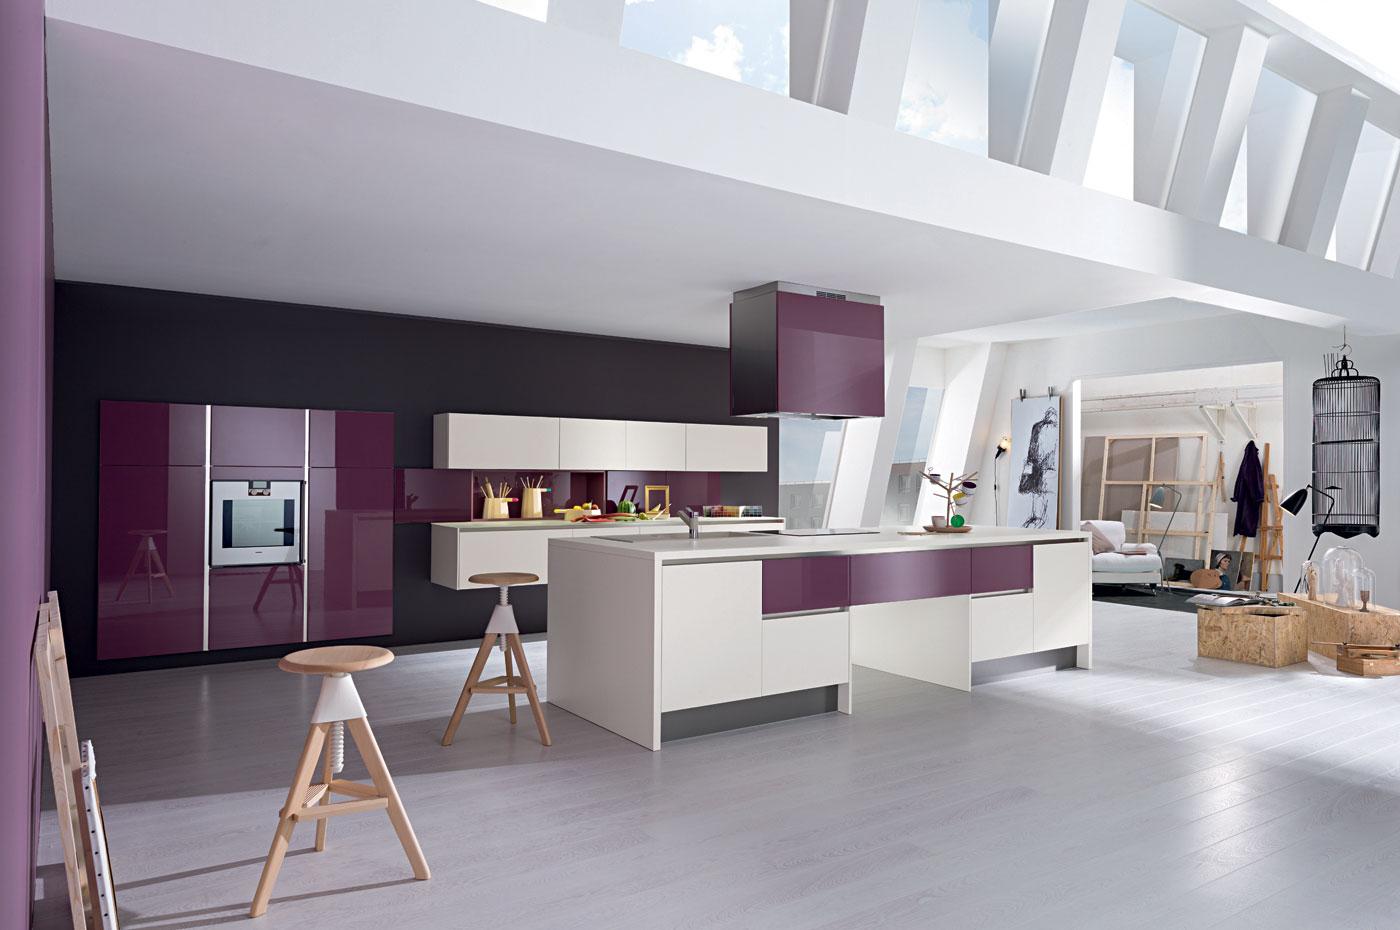 cuisine l500 laqu avorio brillant laqu rose tyrien perene lyon. Black Bedroom Furniture Sets. Home Design Ideas